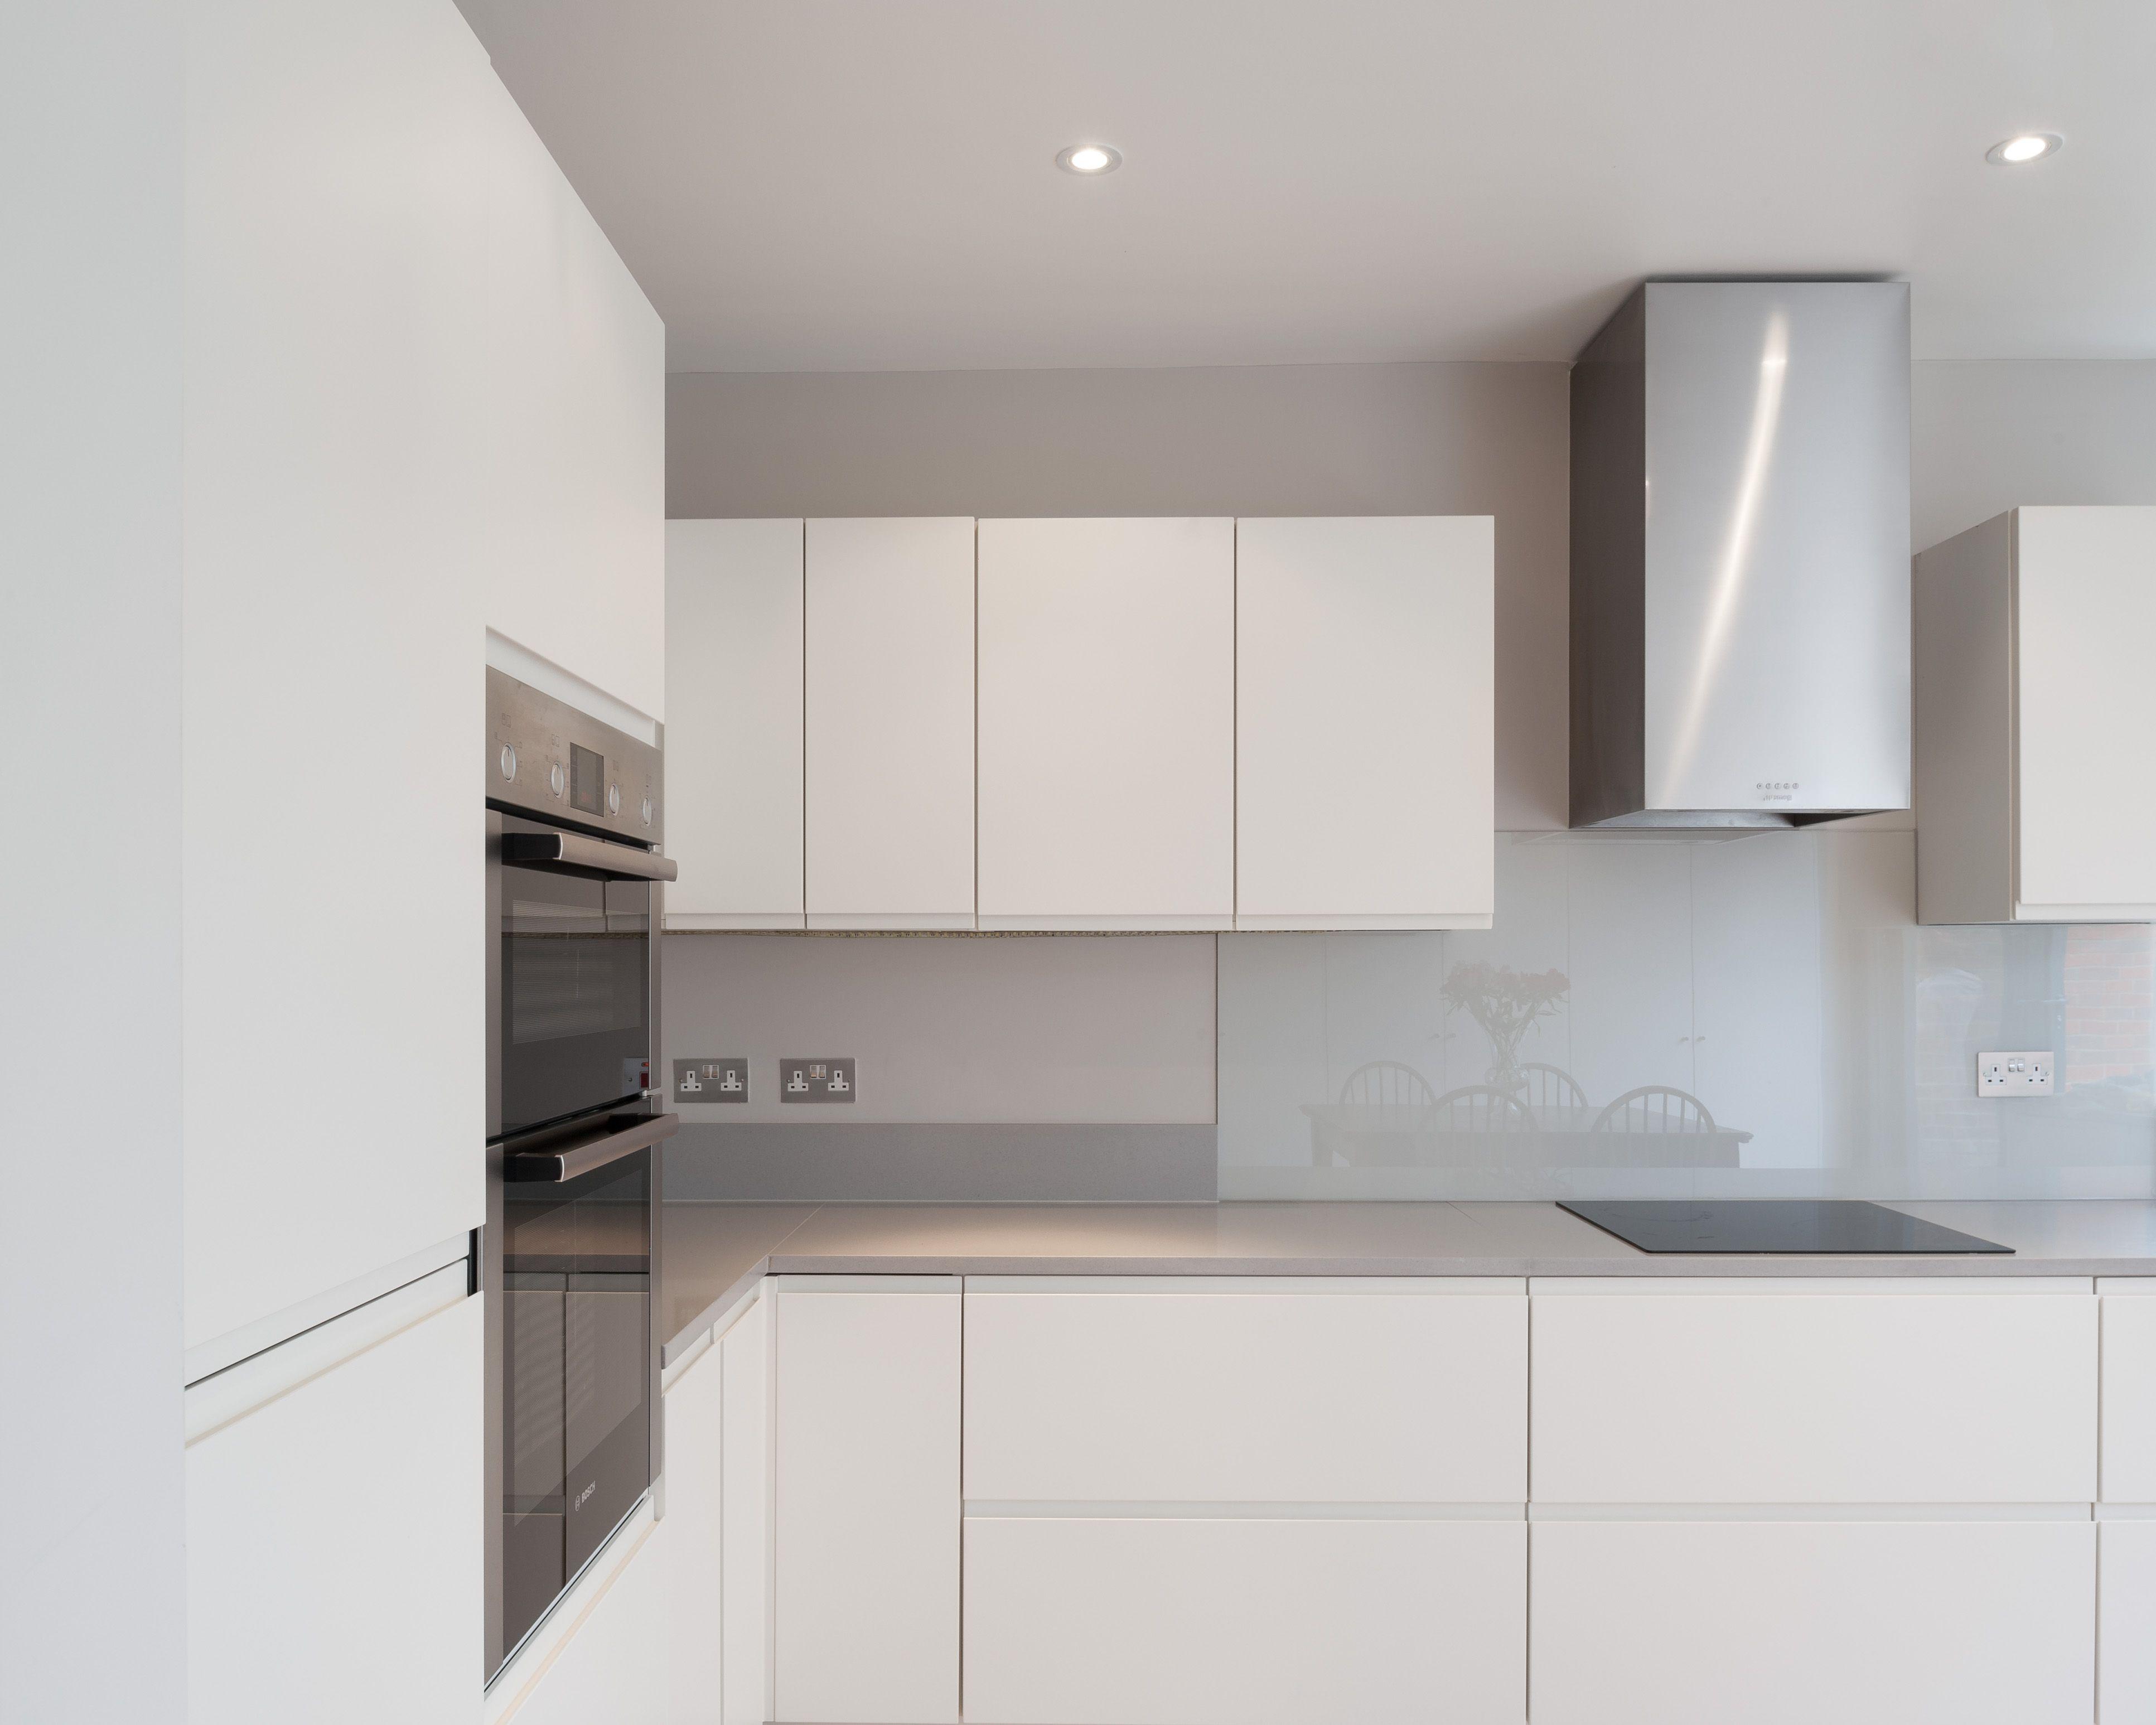 Clean Contemporary Modern Kitchen In White No Handles Contemporary Modern Kitchen Modern Kitchen Kitchen